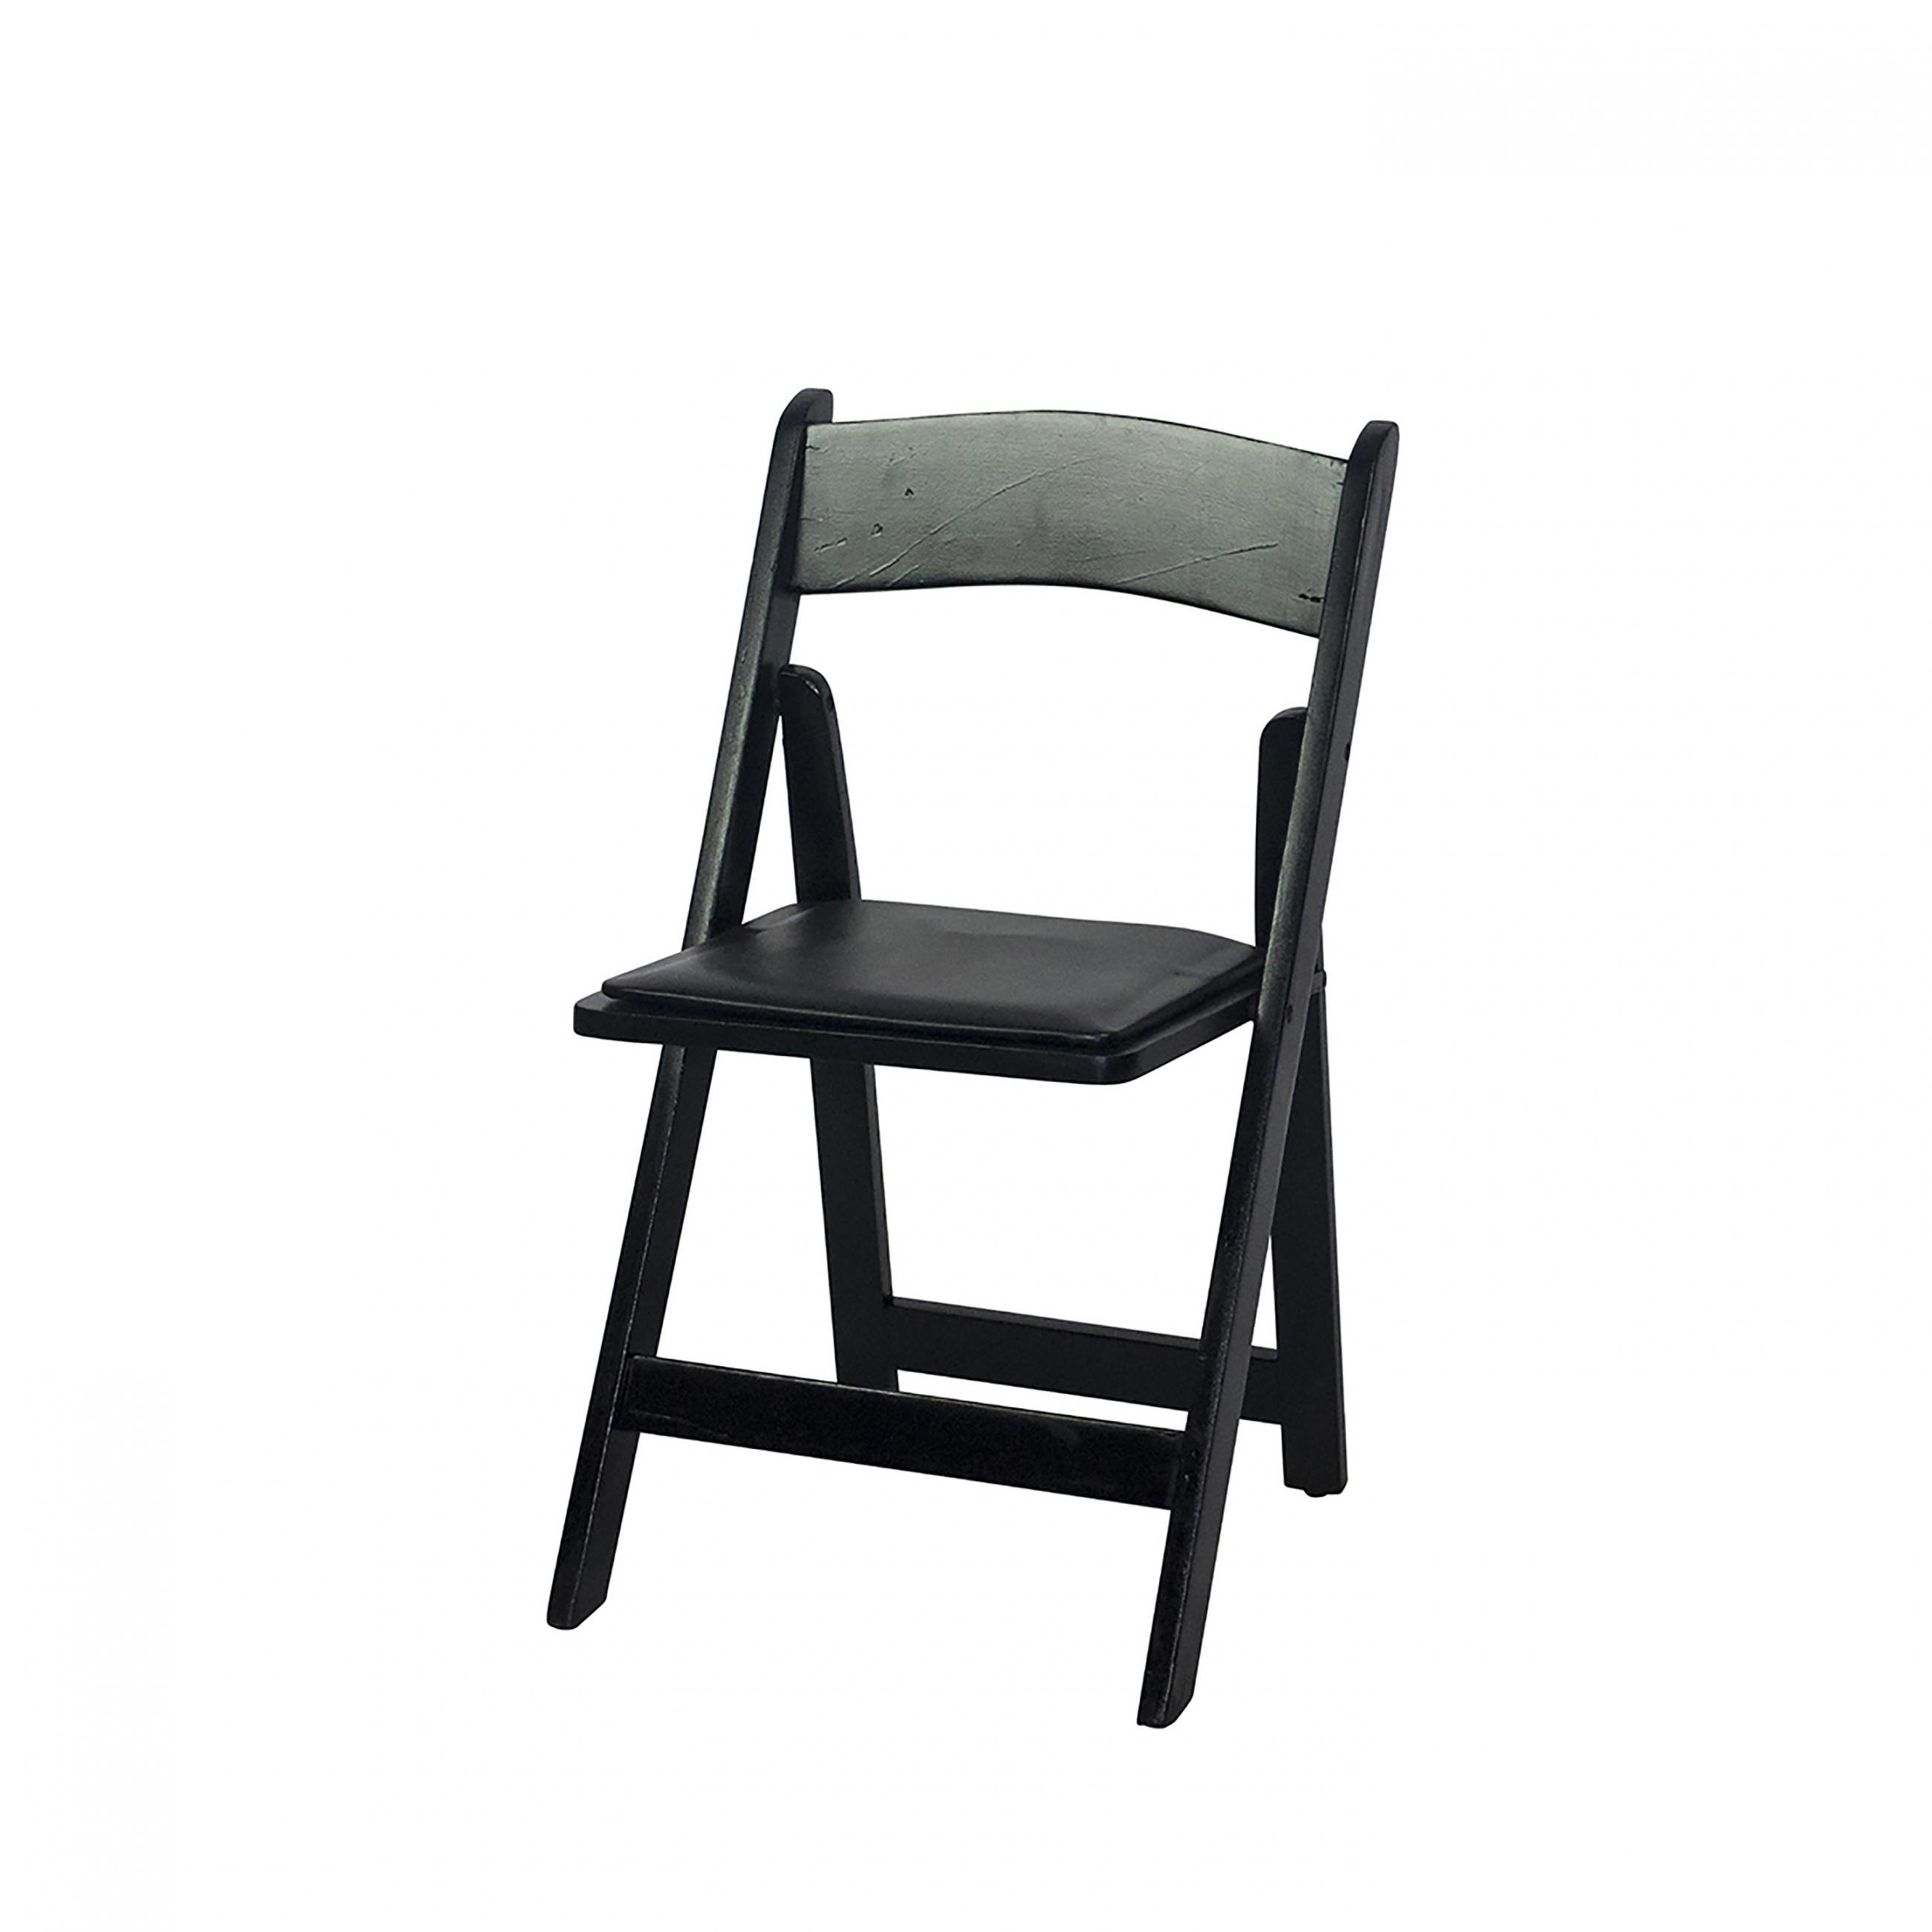 Garden Resin Black Chair | Peak Event Services